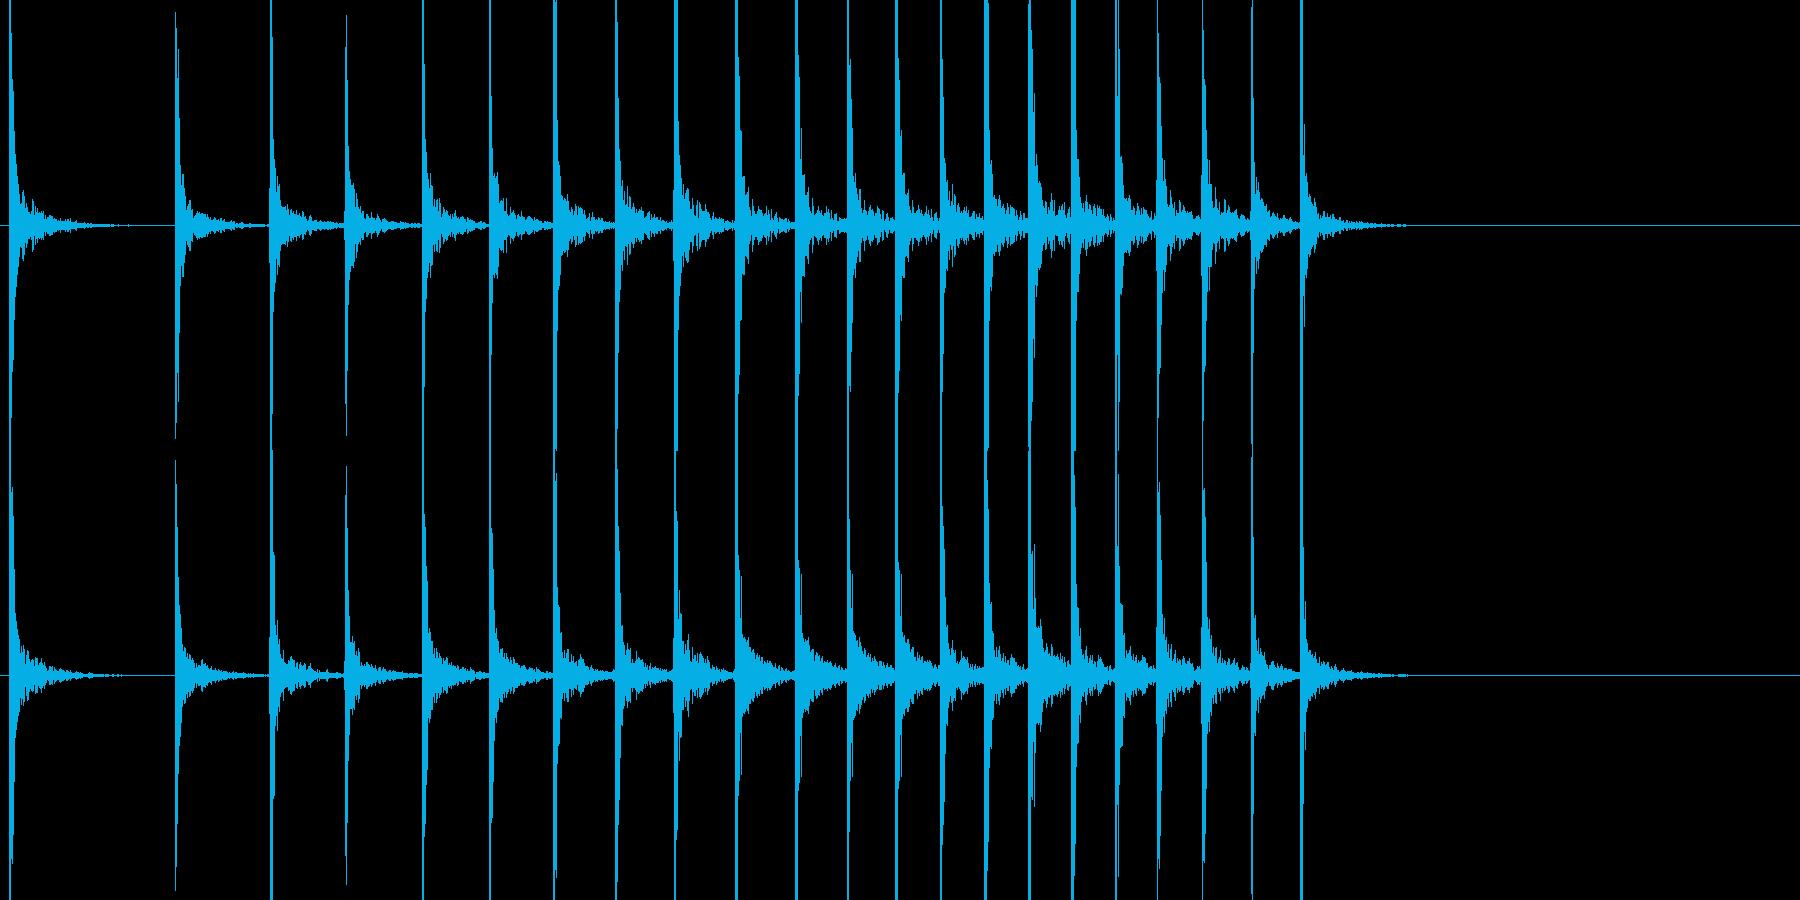 和風 拍子木 よくあるパターンの再生済みの波形